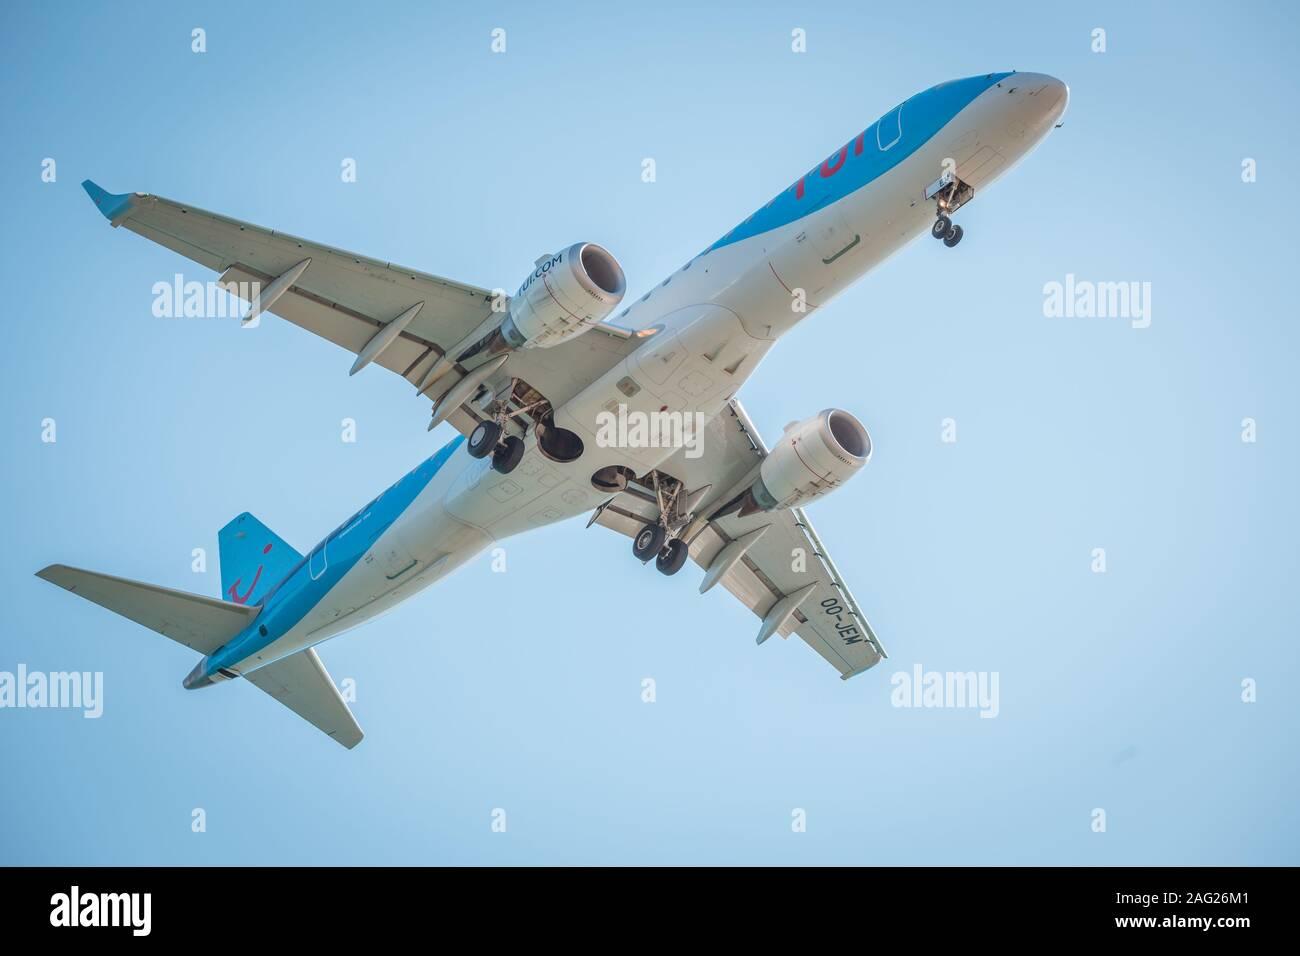 Zante Grecia, Agosto 2019: grande aeroplano, probabilmente TUI, con landing gear down, sotto il ventre visualizza, durante lo sbarco a Zante International Foto Stock